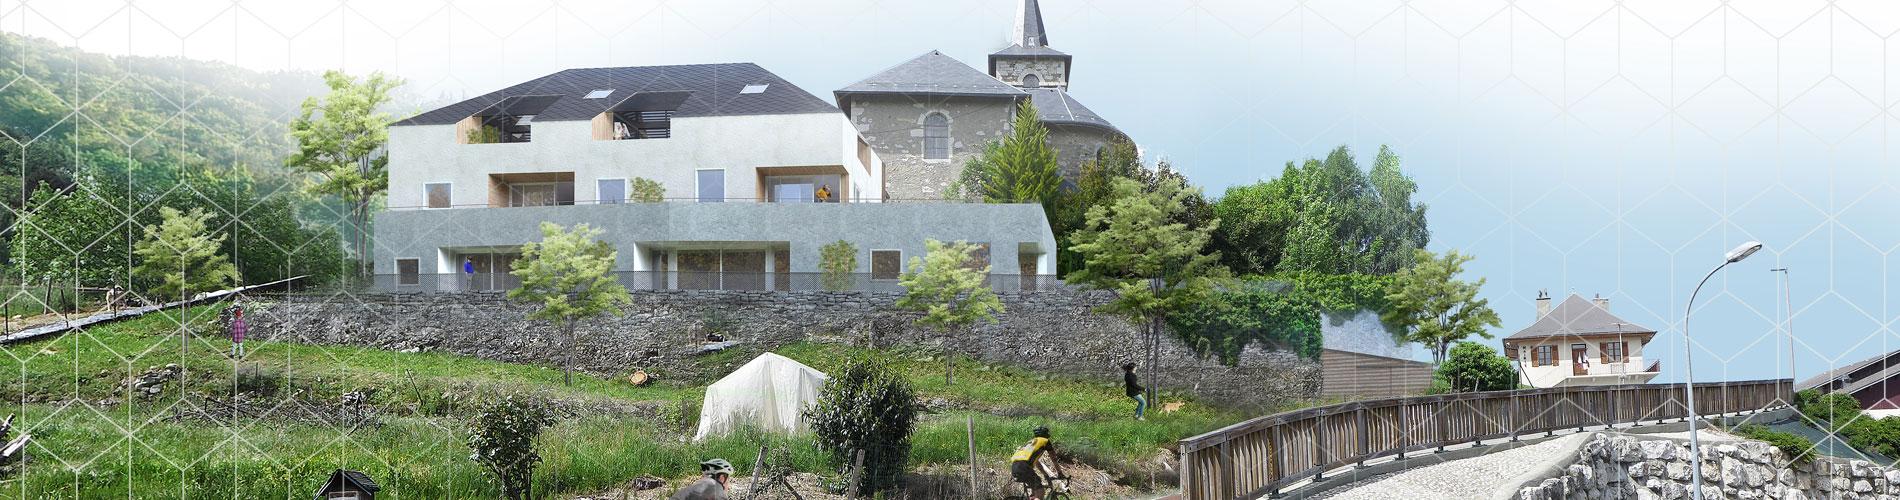 Opération le presbytère à Saint Sulpice (73)